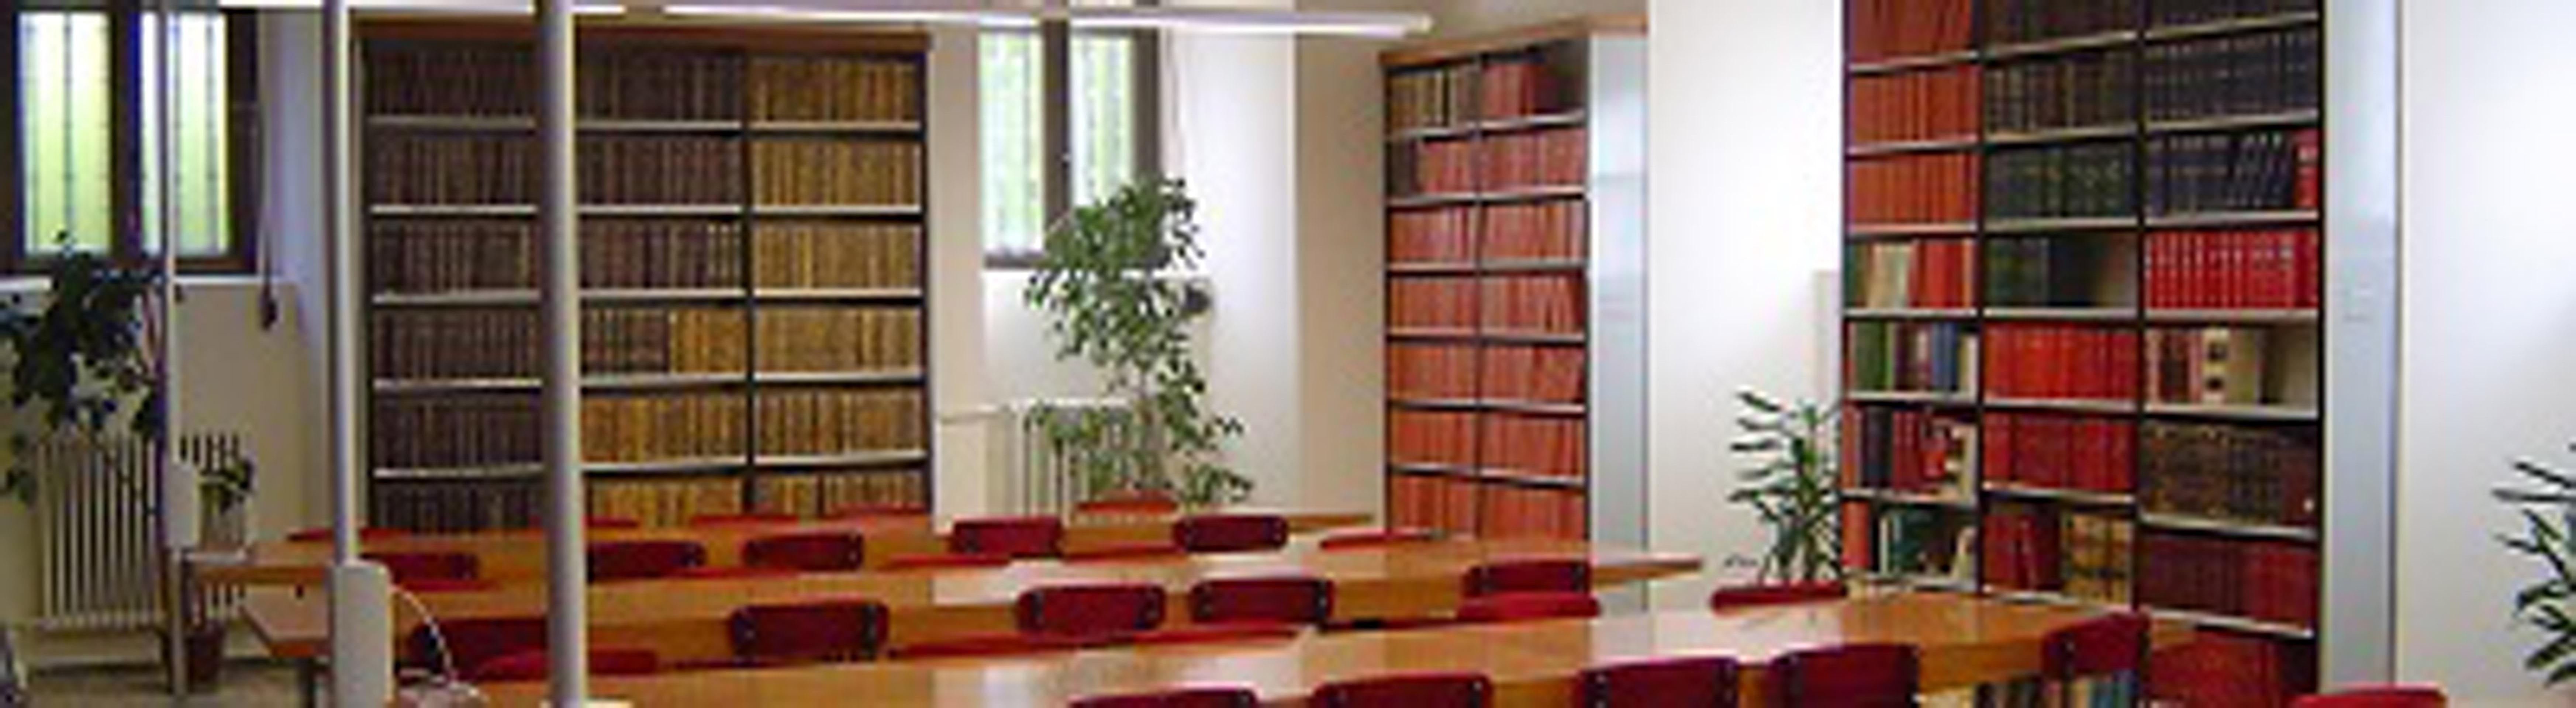 biblioteca01_